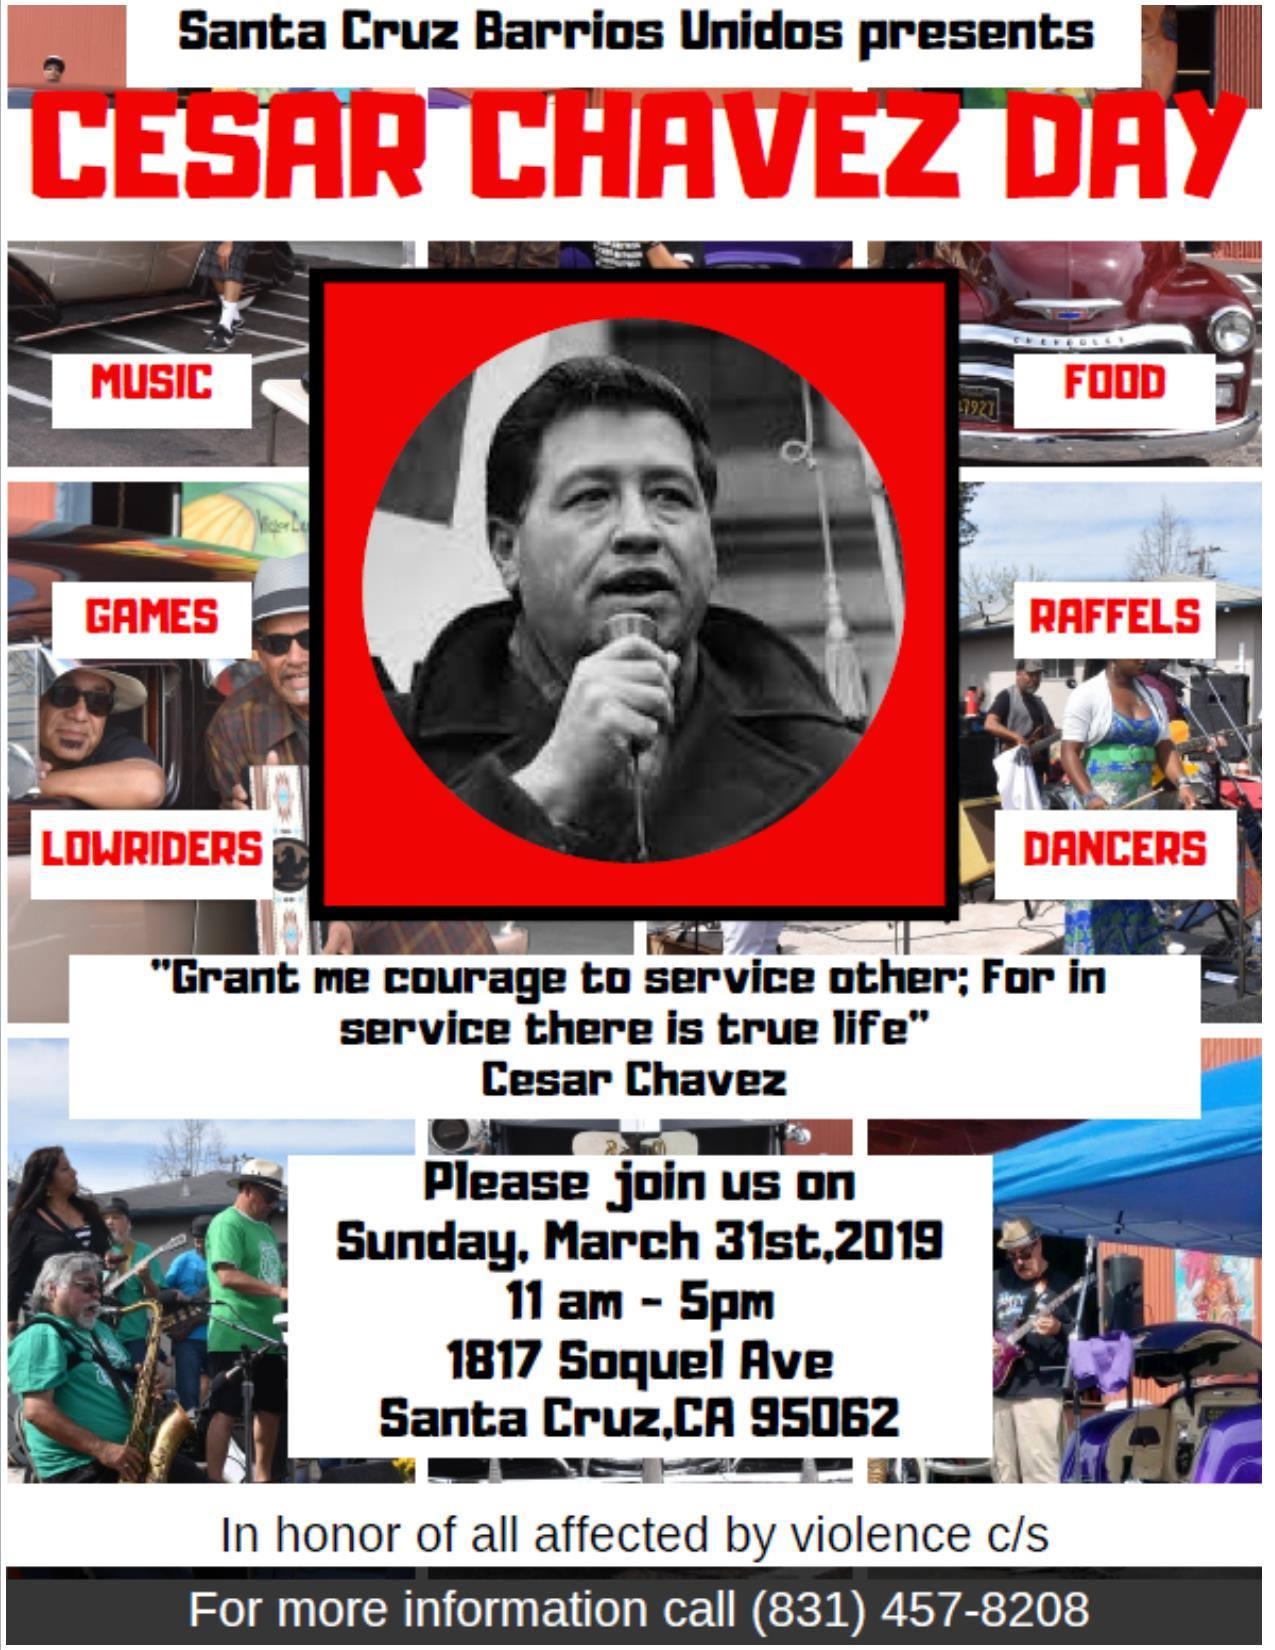 SUN.MAR.31 – CESAR CHAVEZ DAY @ BARRIOS UNIDOS – SANTA CRUZ, CA